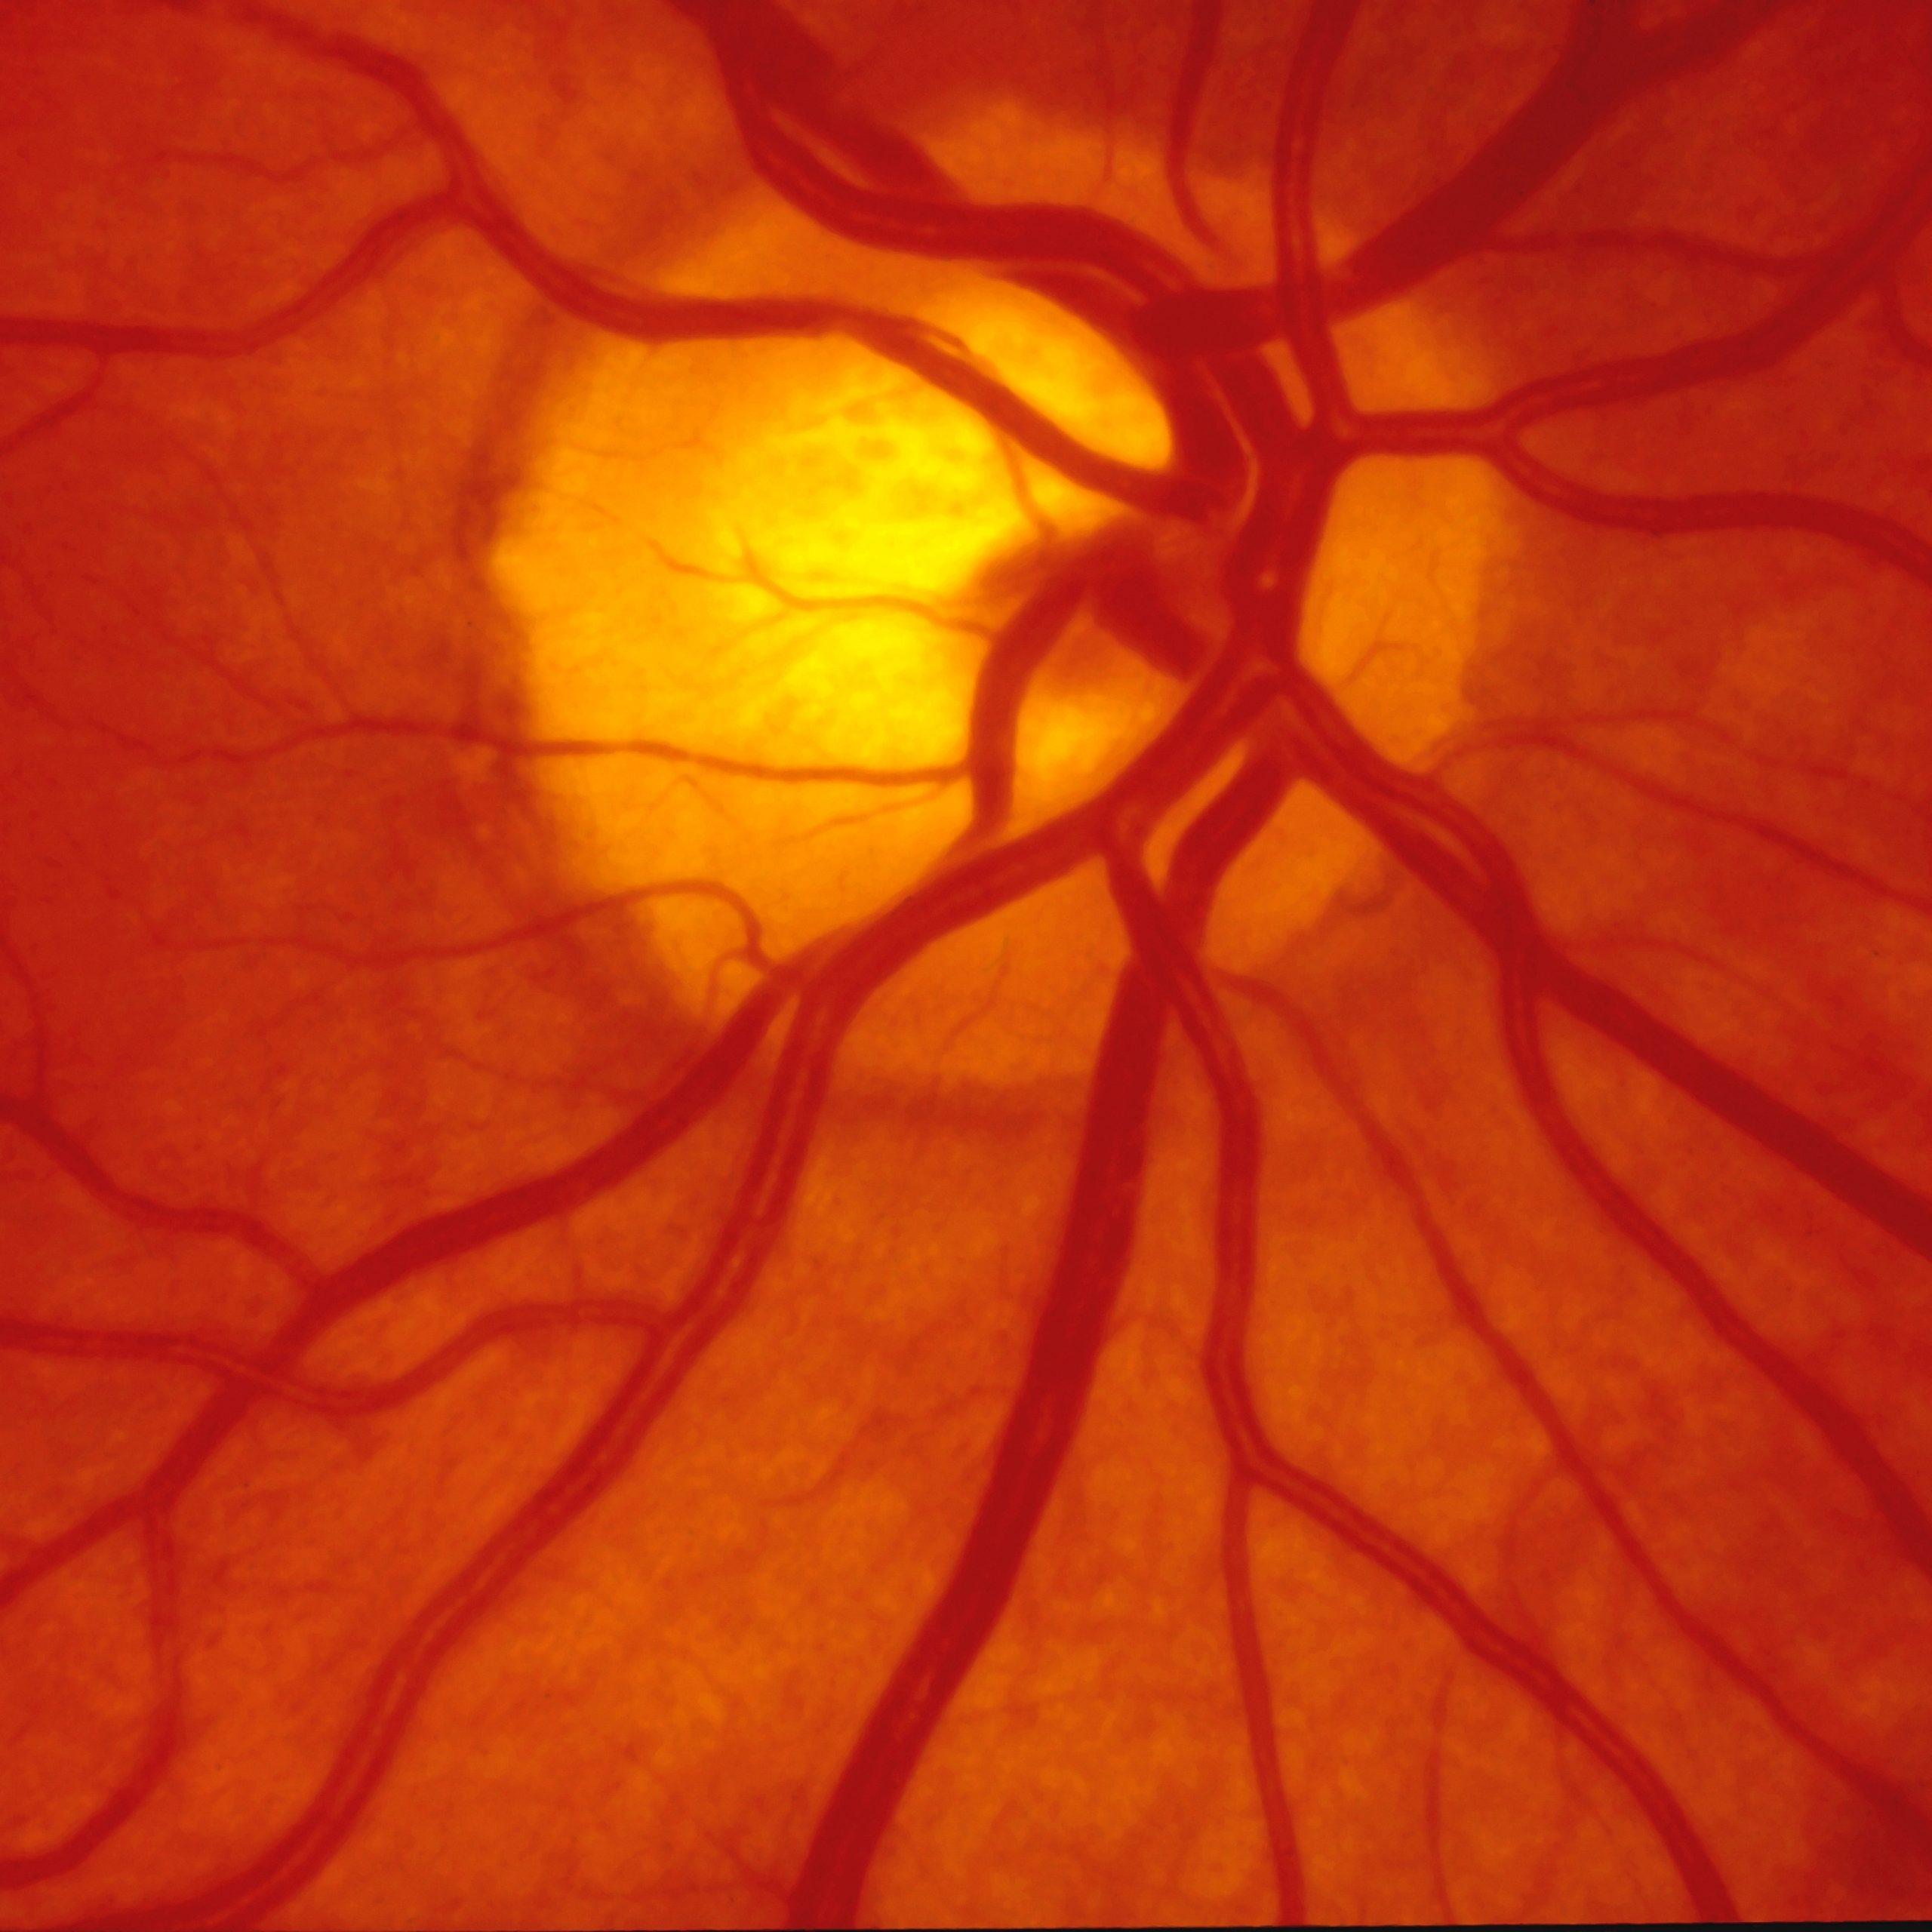 Normal Human Retina